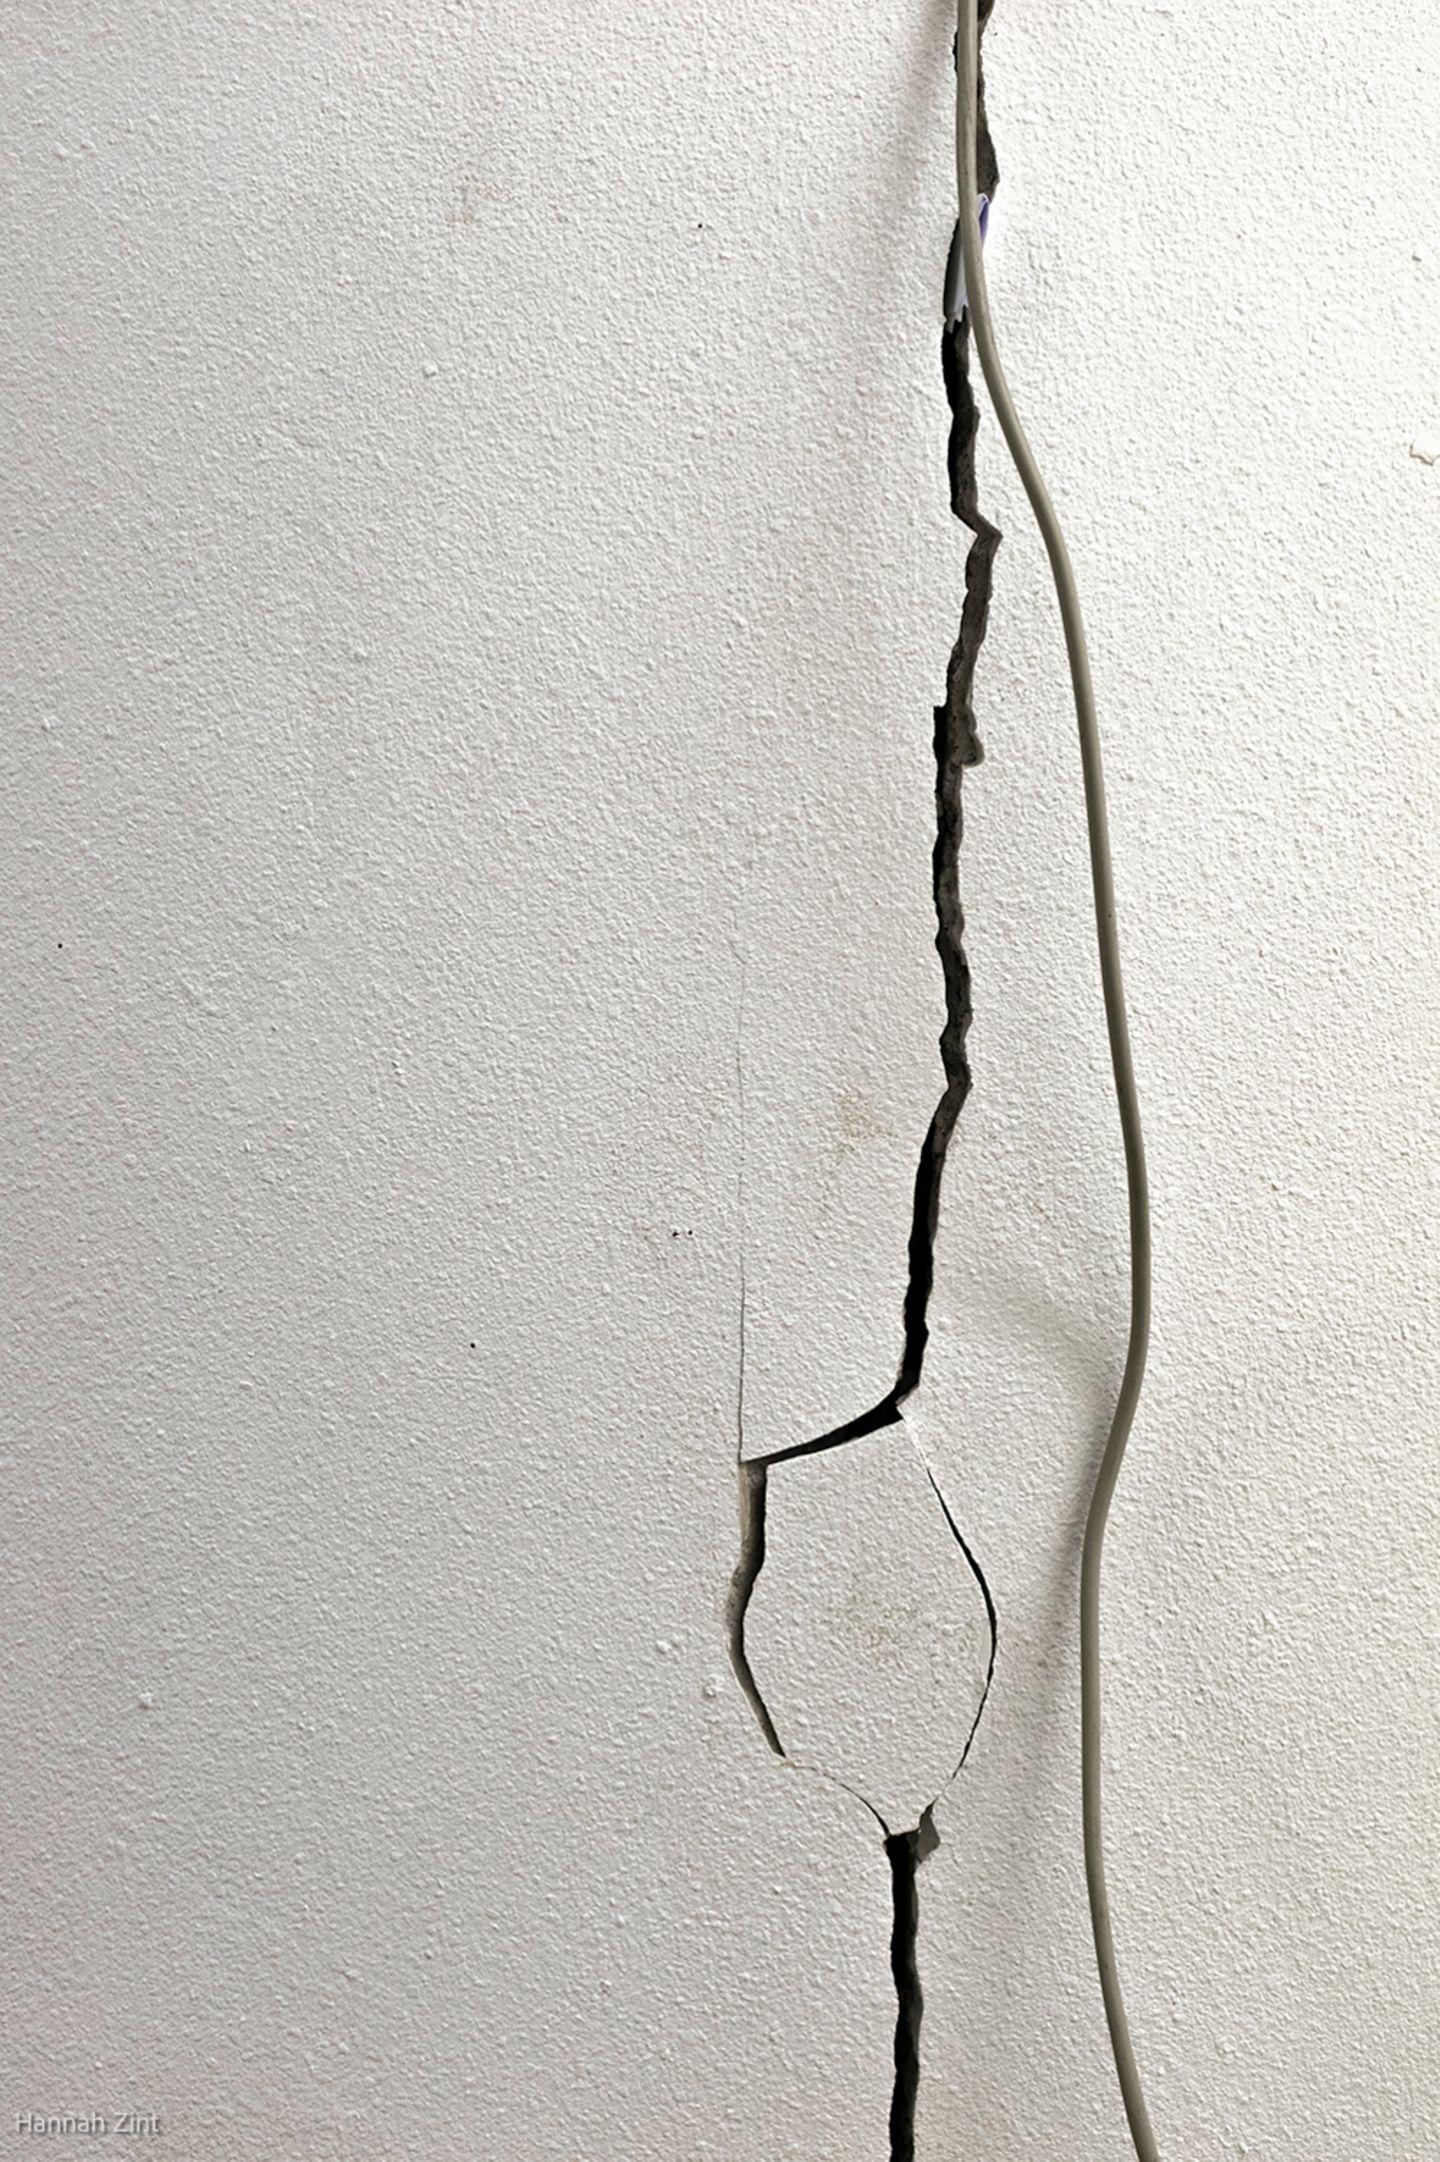 Endometriose in Bildern: Riss in der Wand